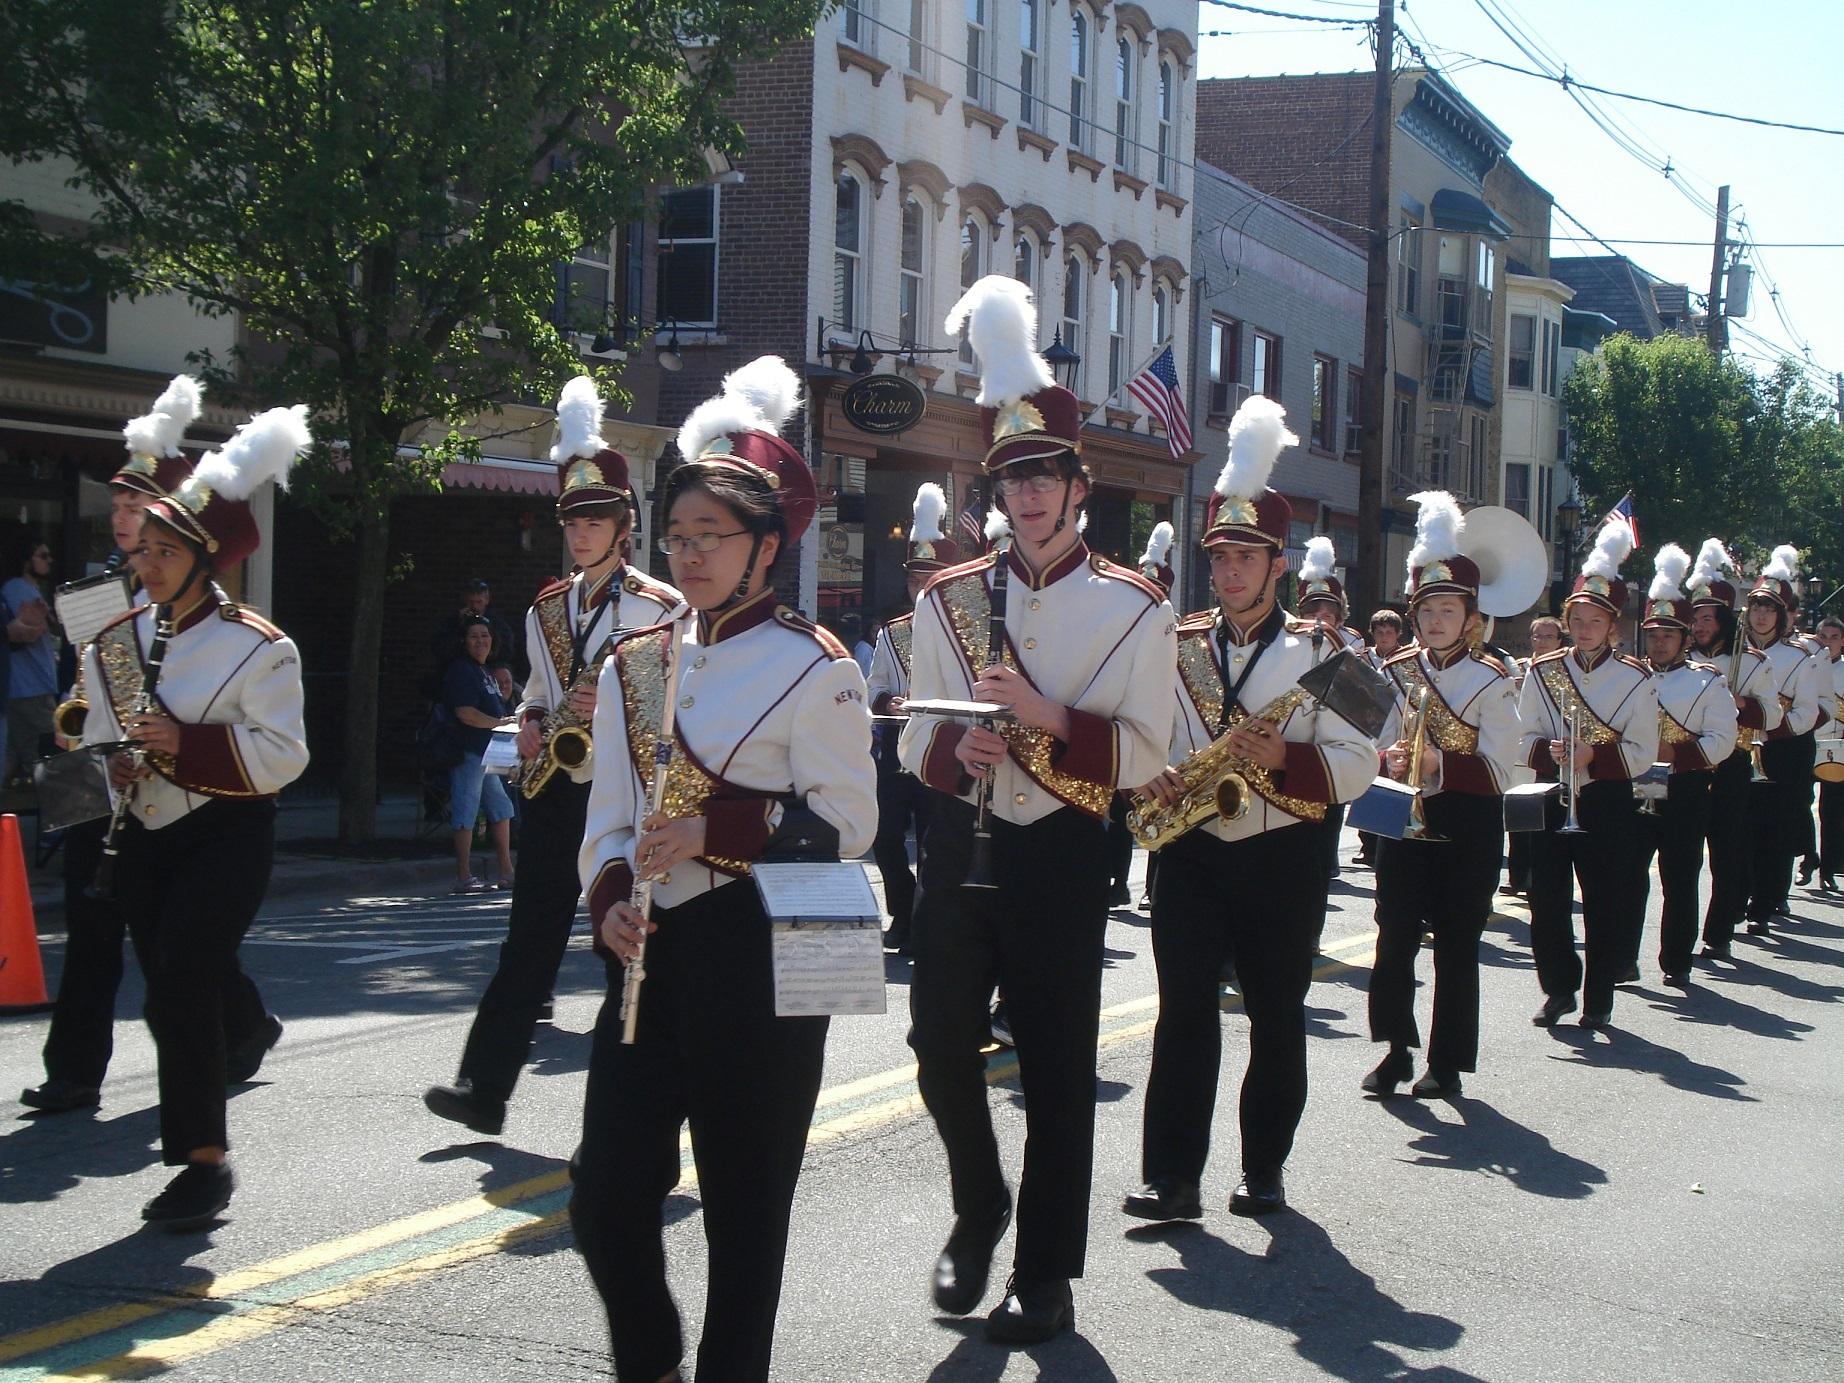 ac8e8eb5904c0c80dcb8_Memorial_Day_Parade_007.JPG